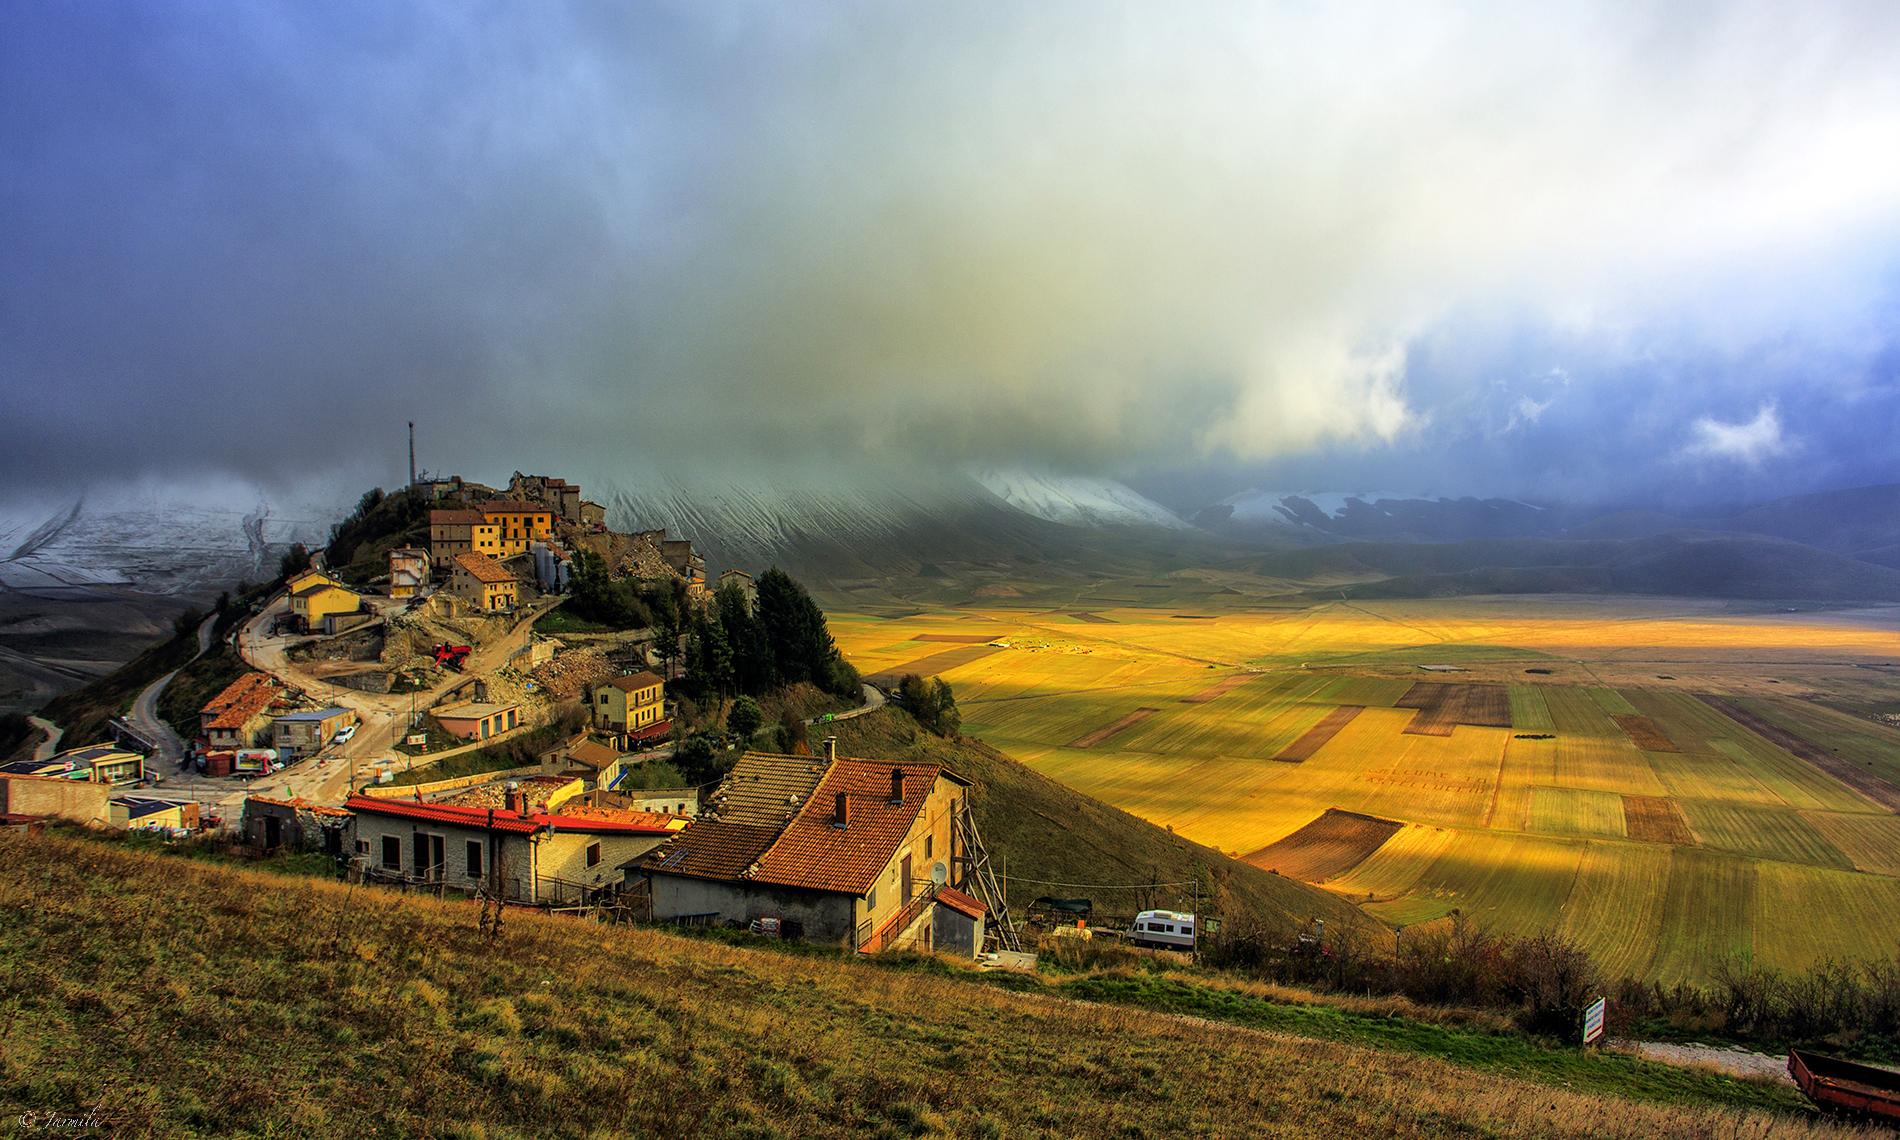 Season change in Castelluccio di Norcia...